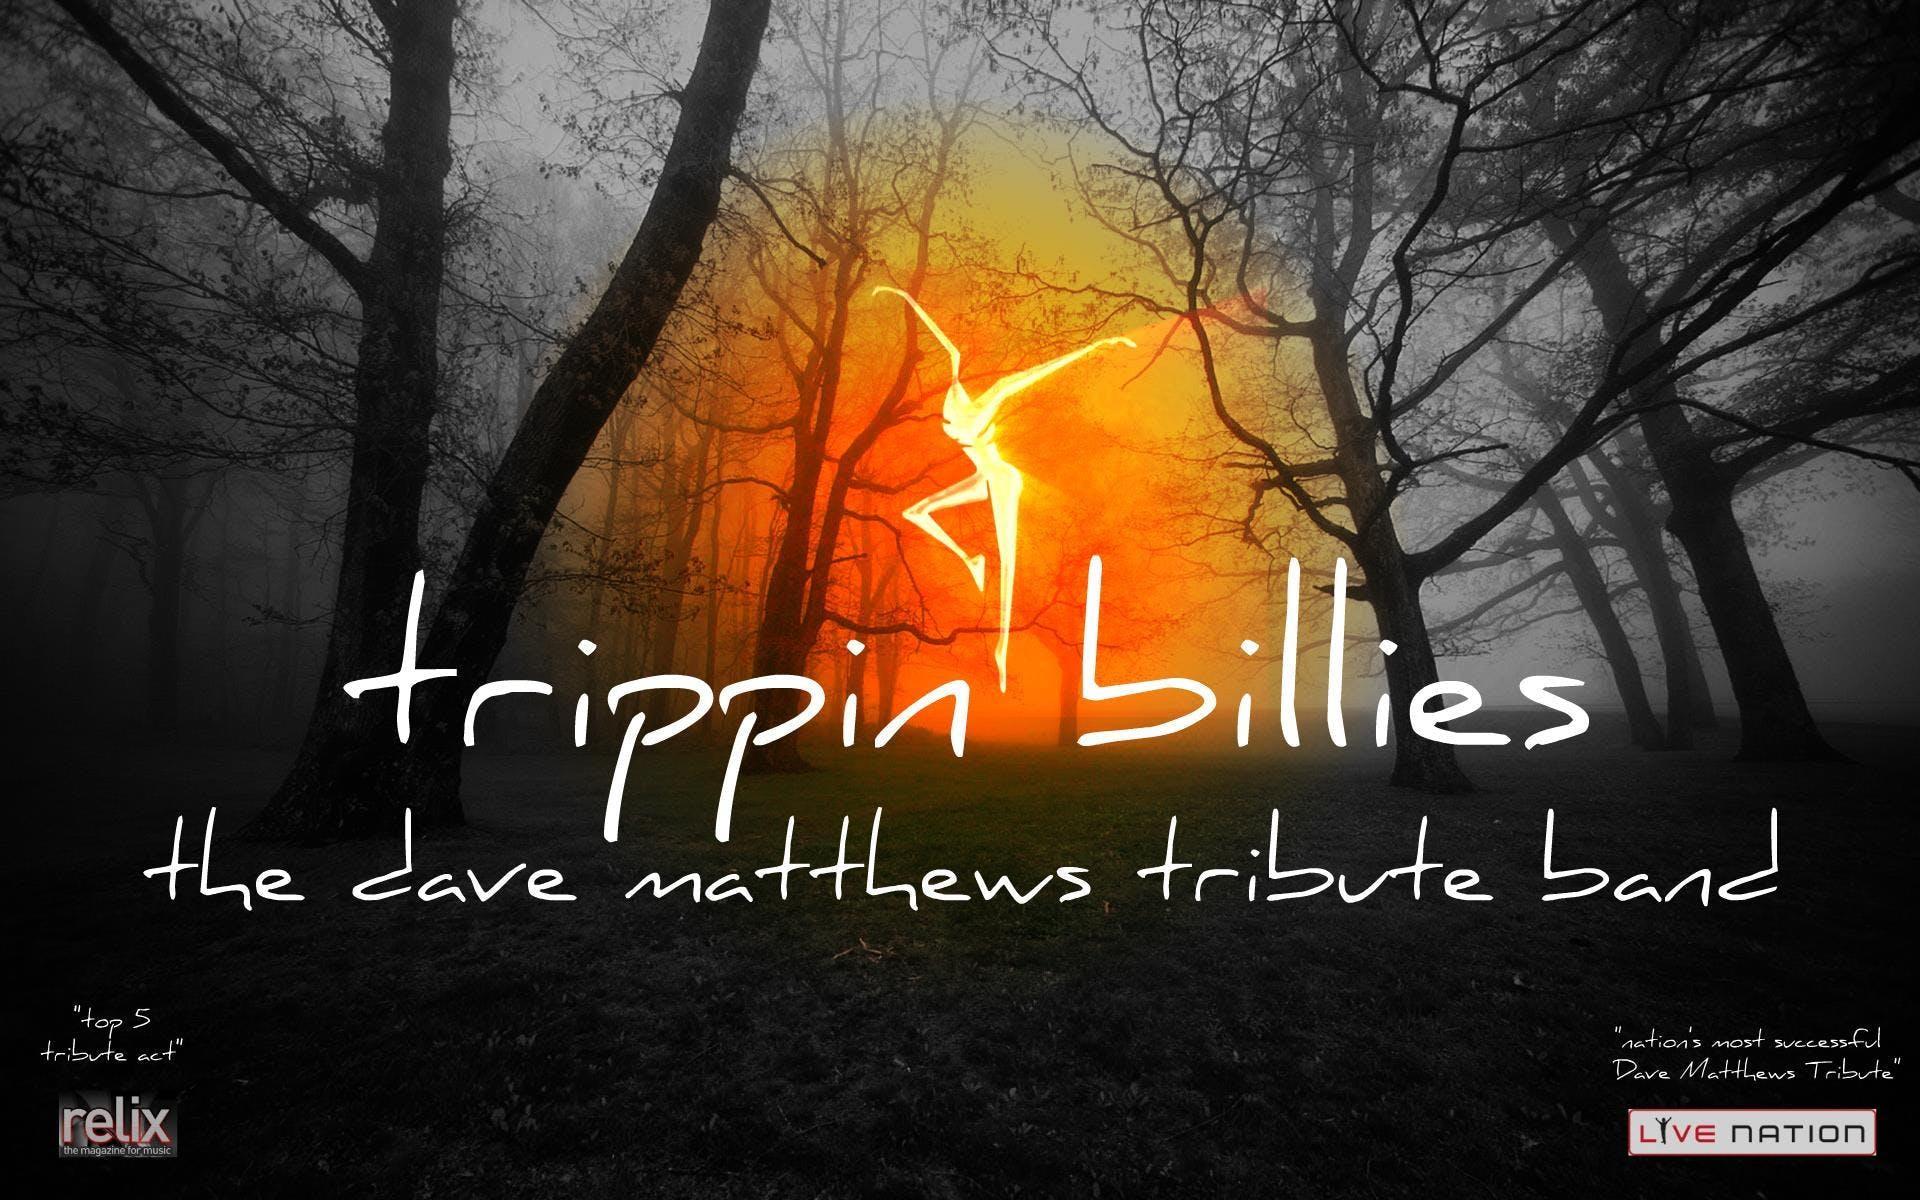 Trippin Billies – DMB Tribute